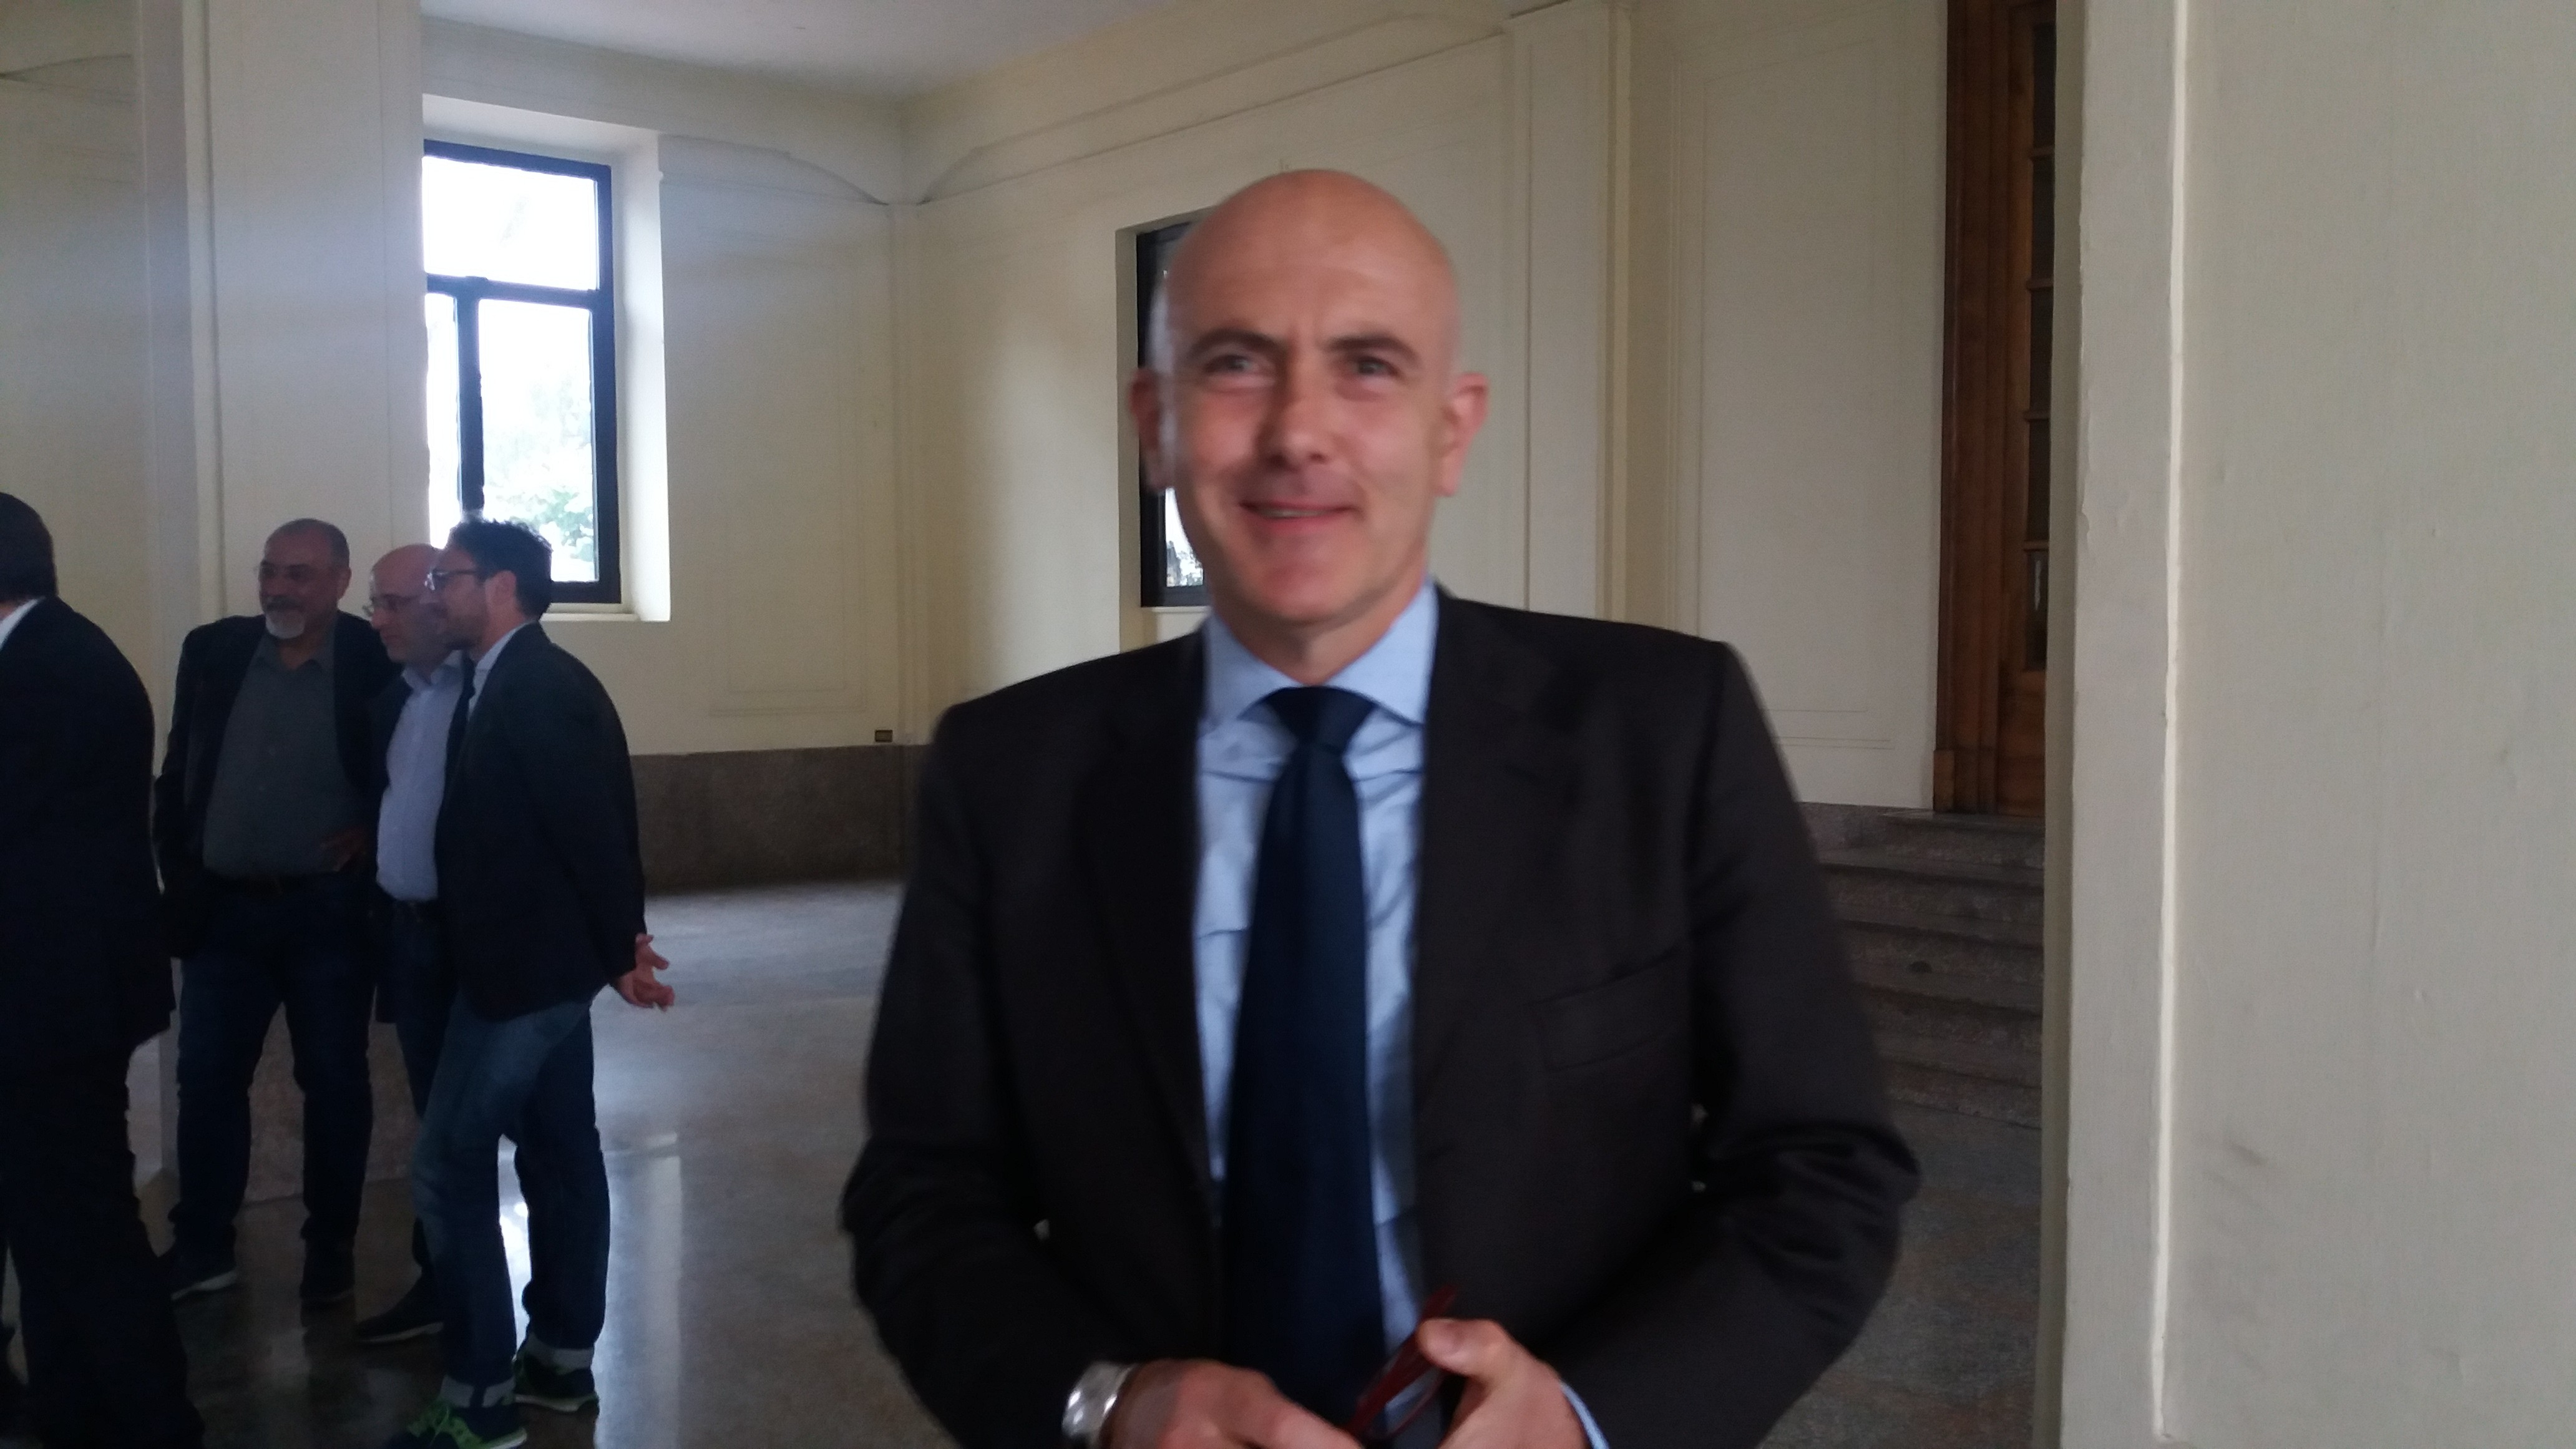 Benevento  Referendum, Sottosegretario Alfano a Benevento